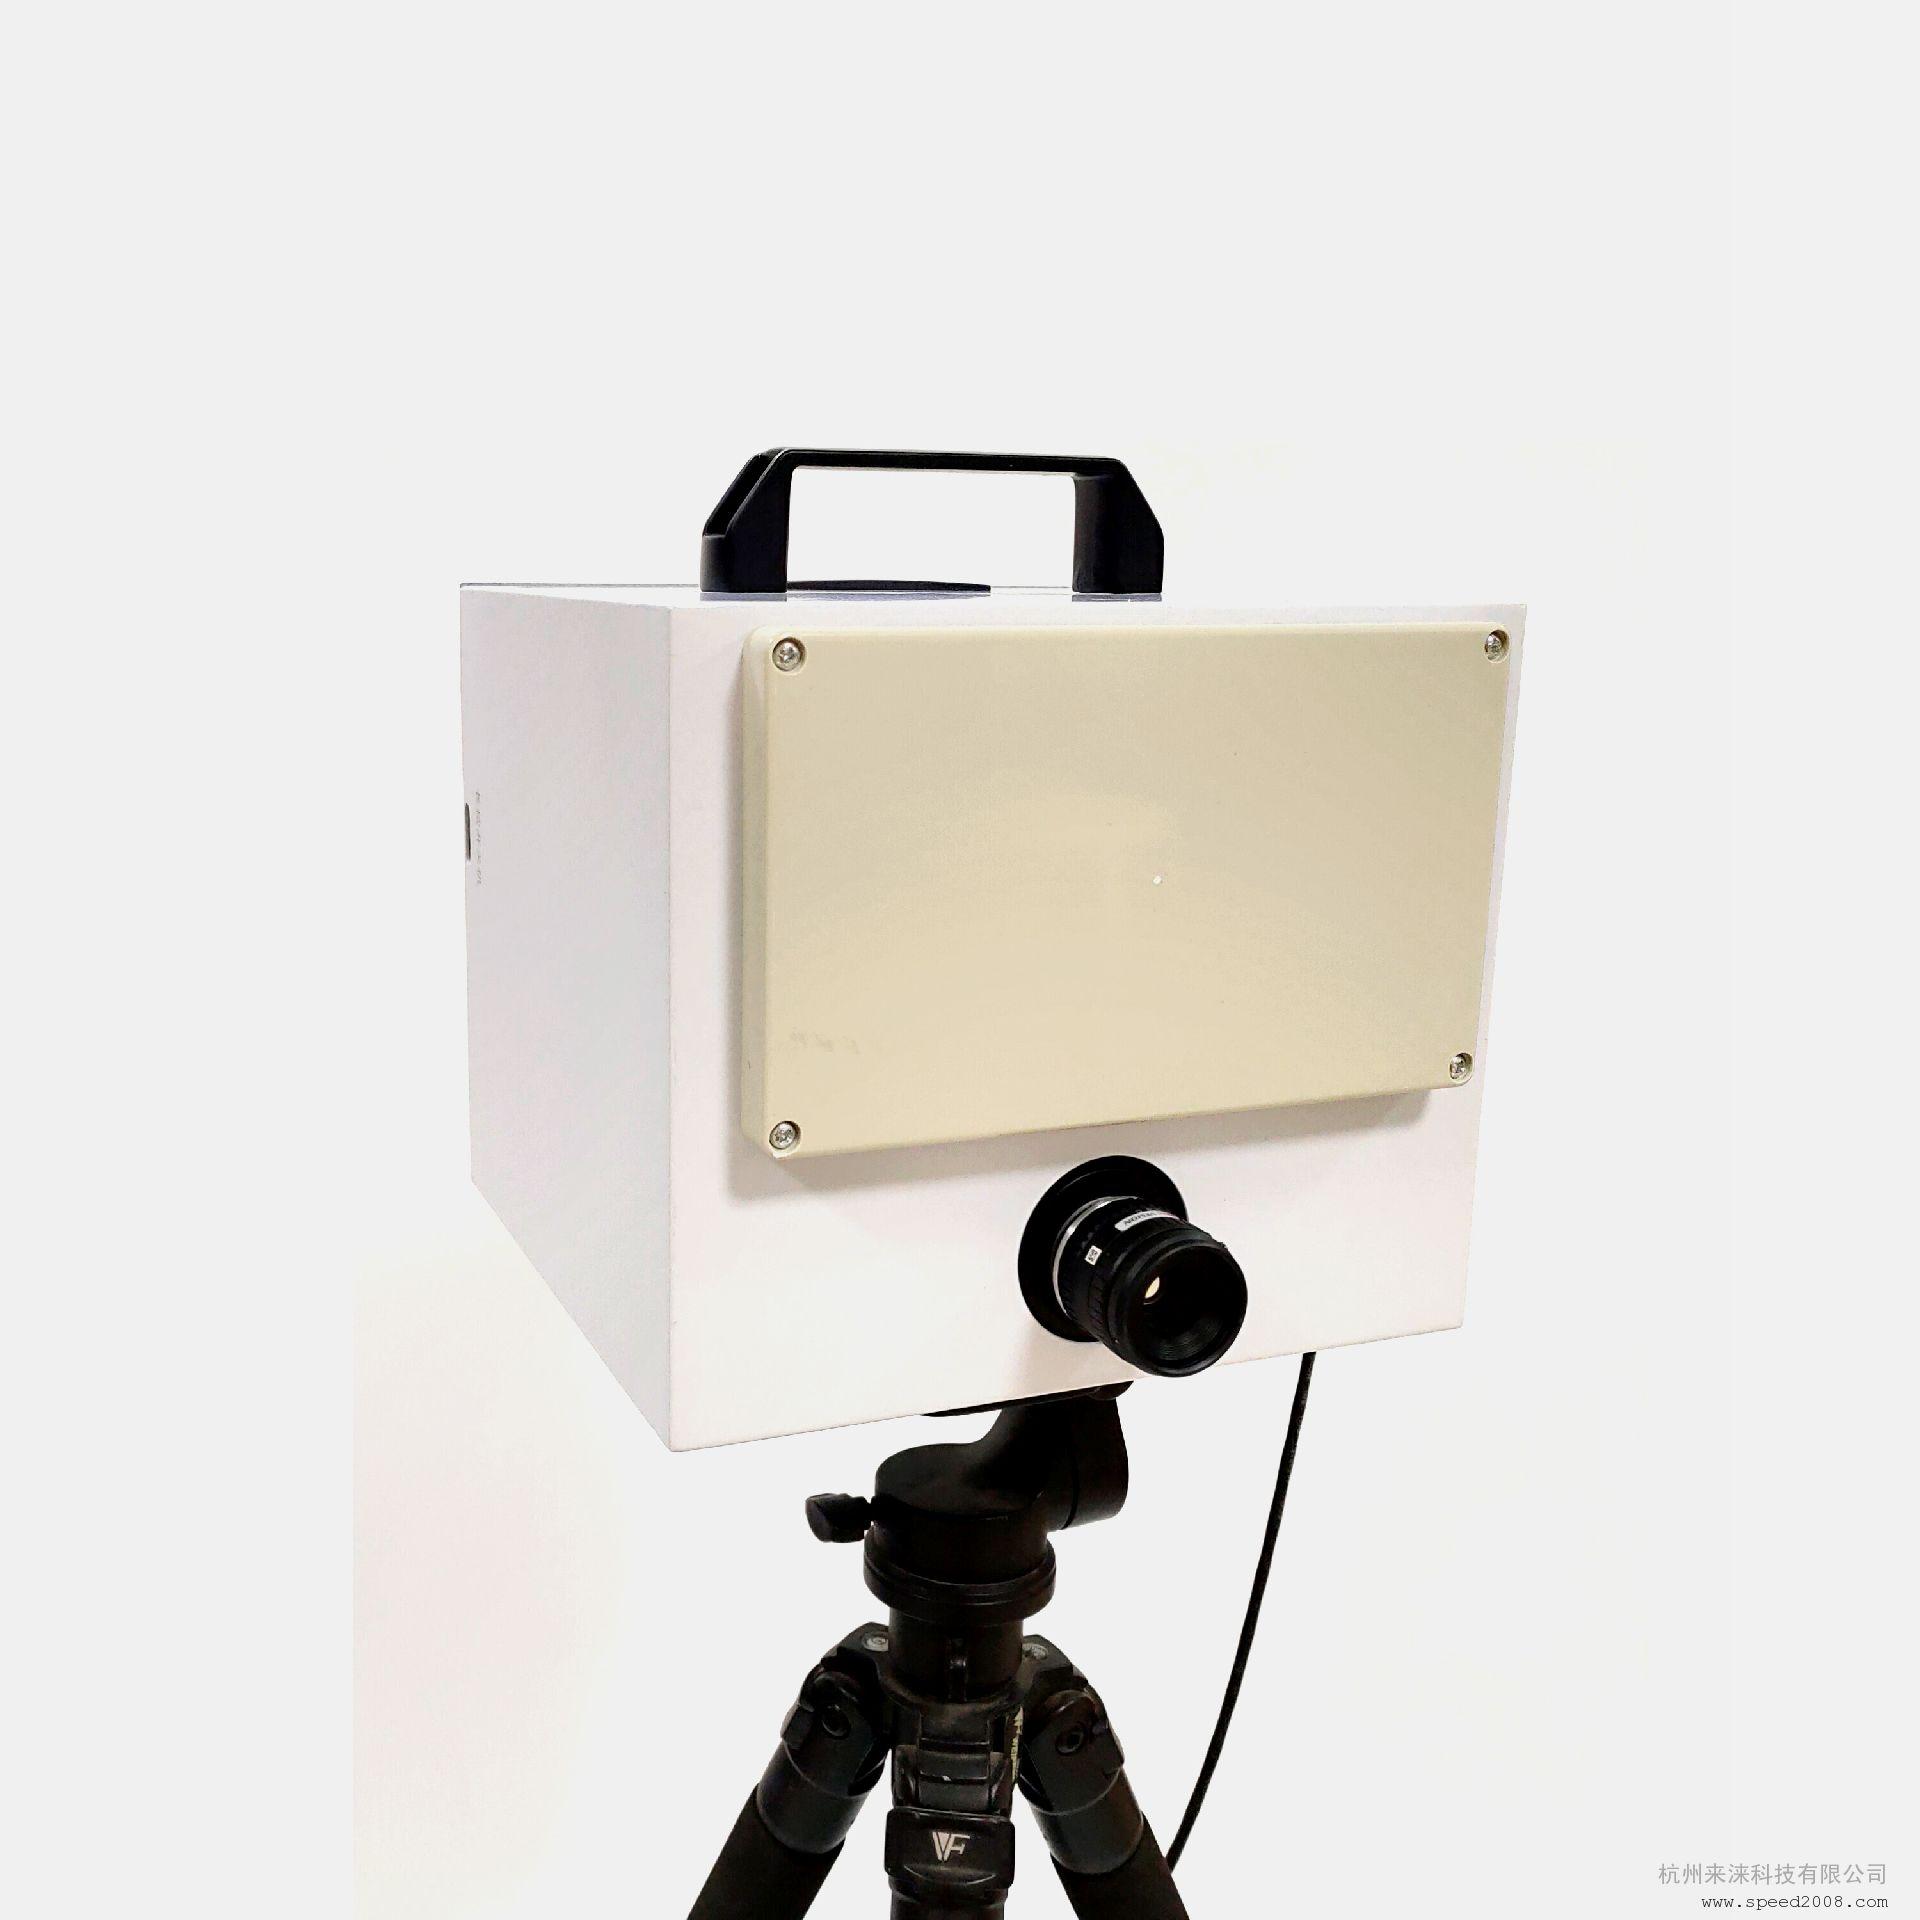 EWIG移动便携式雷达测速仪系统超速拍自动拍照HT3000A